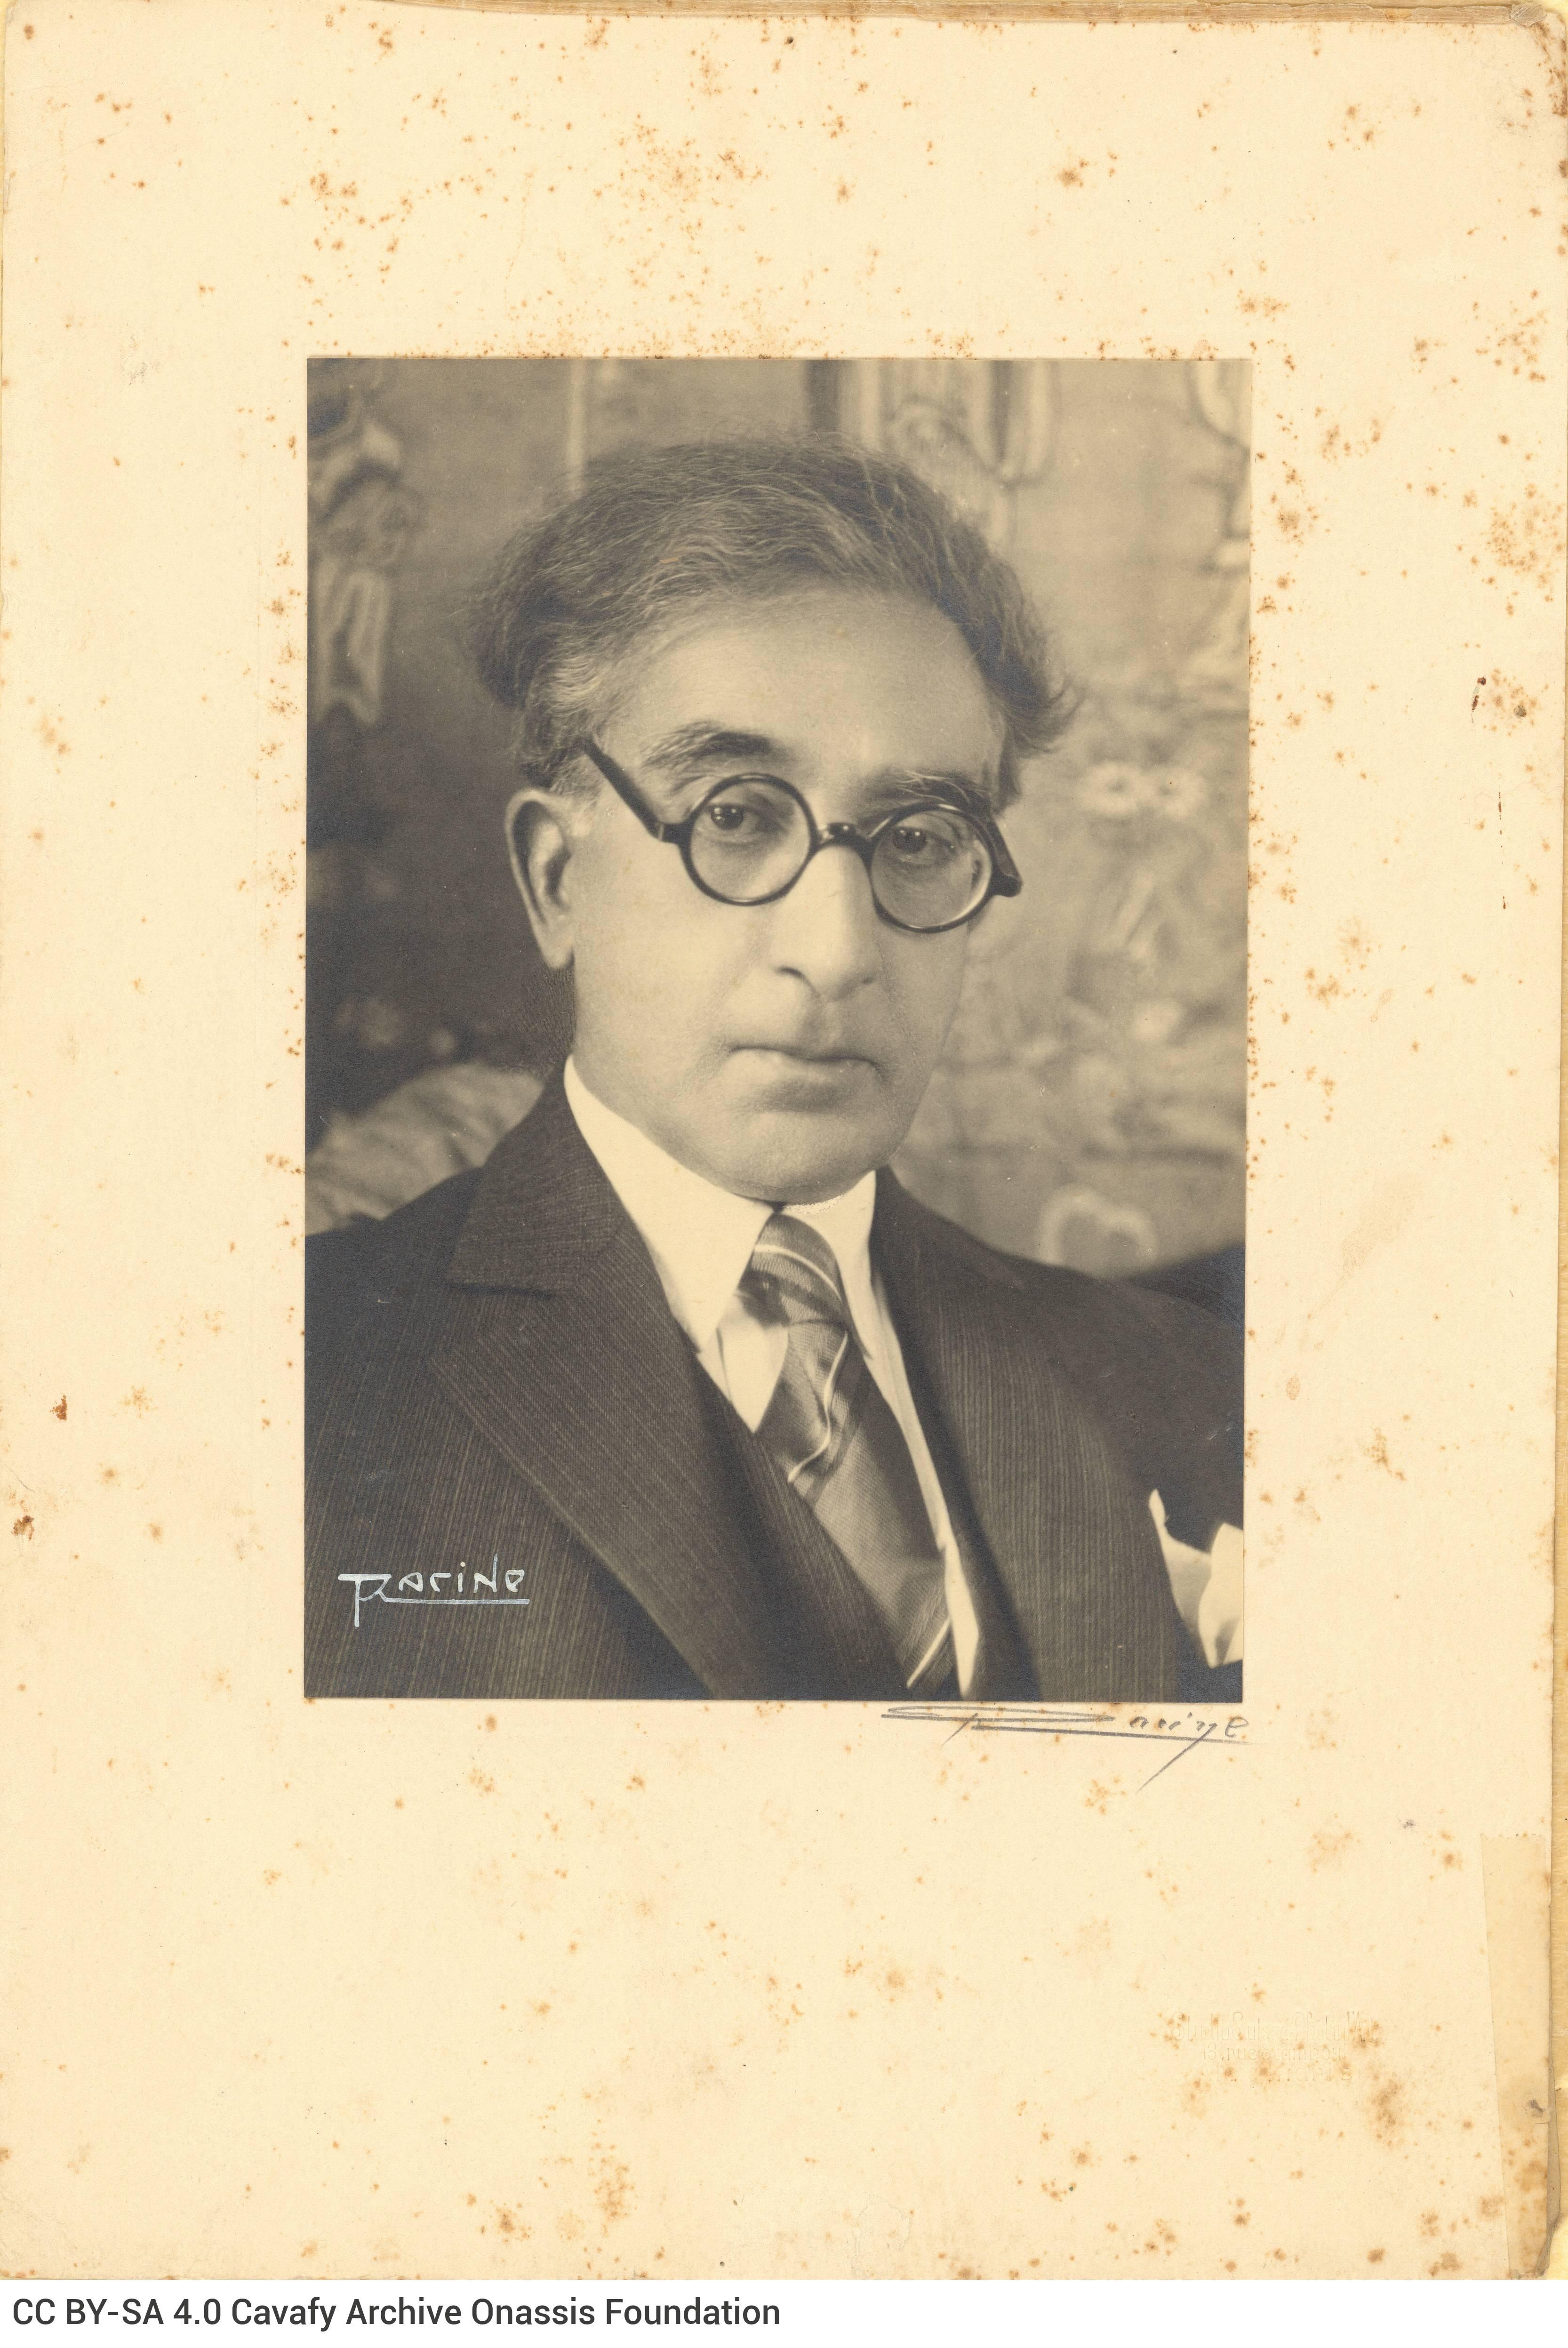 Φωτογραφικό πορτρέτο του Καβάφη σε ώριμη ηλικία, σε δύο αντίγραφα επ